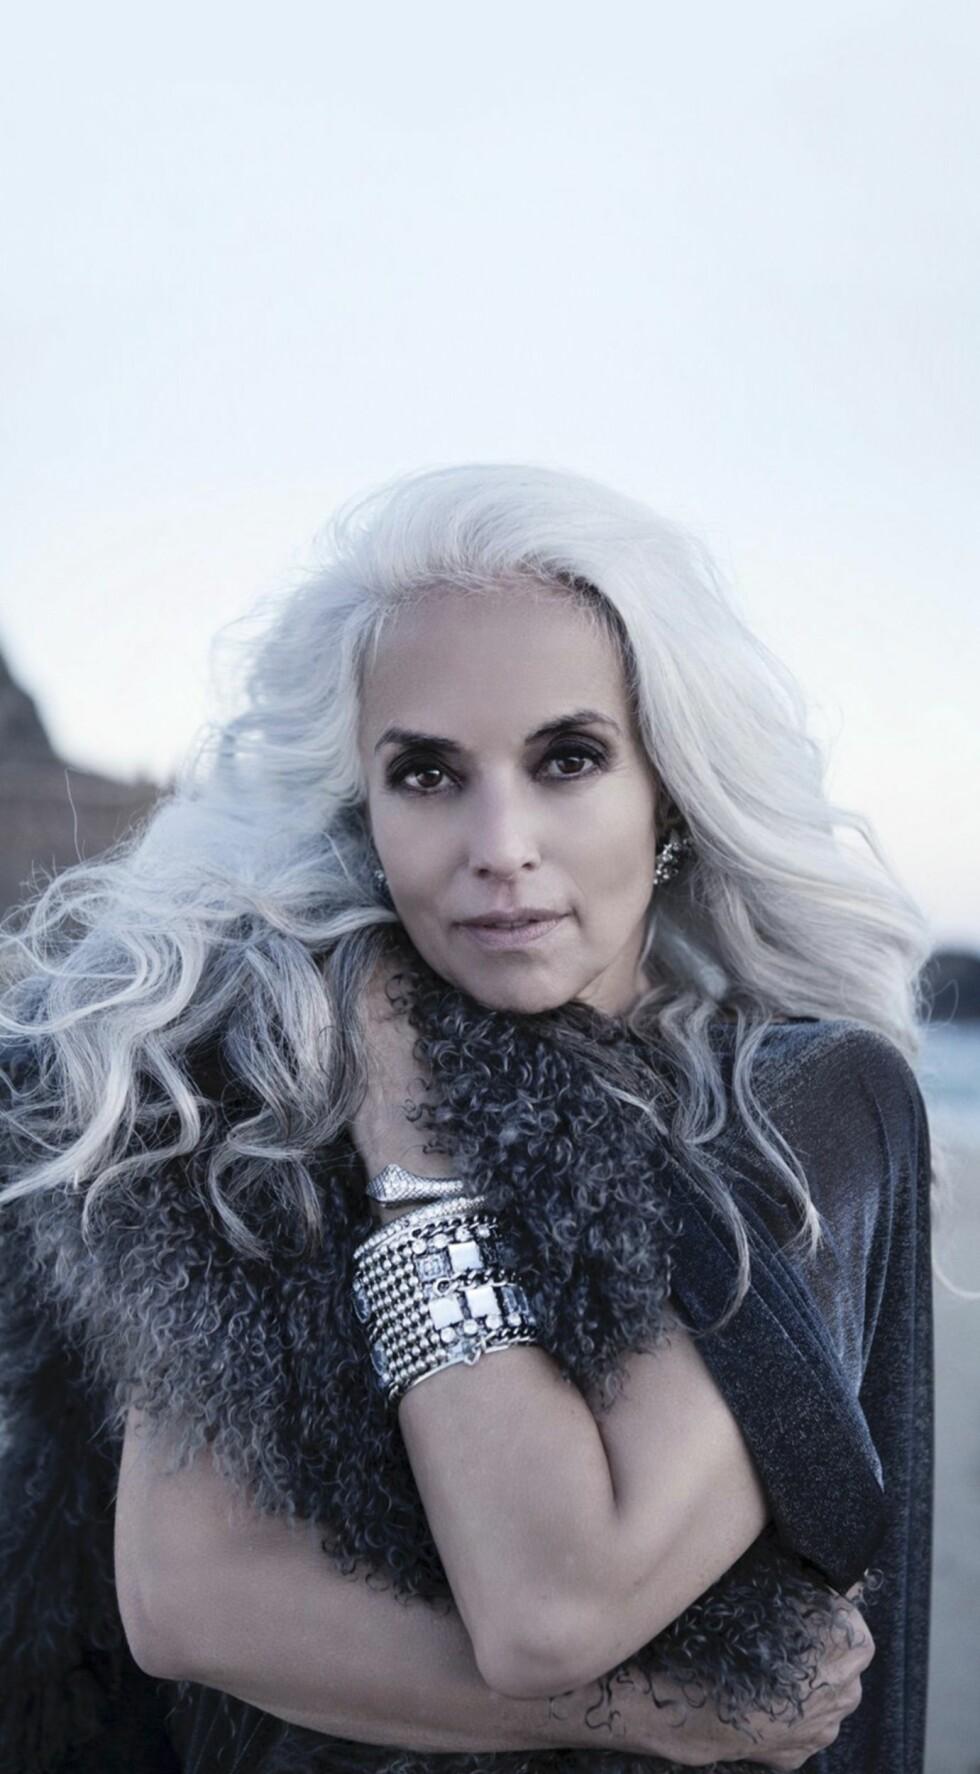 YASMINA ROSSI (61): Fransk-amerikansk modell. Fikk fart på modellkarrieren som 45-åring. På spørsmål om hemmeligheten bak sitt friske utseende, svarer hun blant annet at hun smører seg inn med rapsolje og spiser avokado hver eneste dag. Foto: Viktorija Pashuta